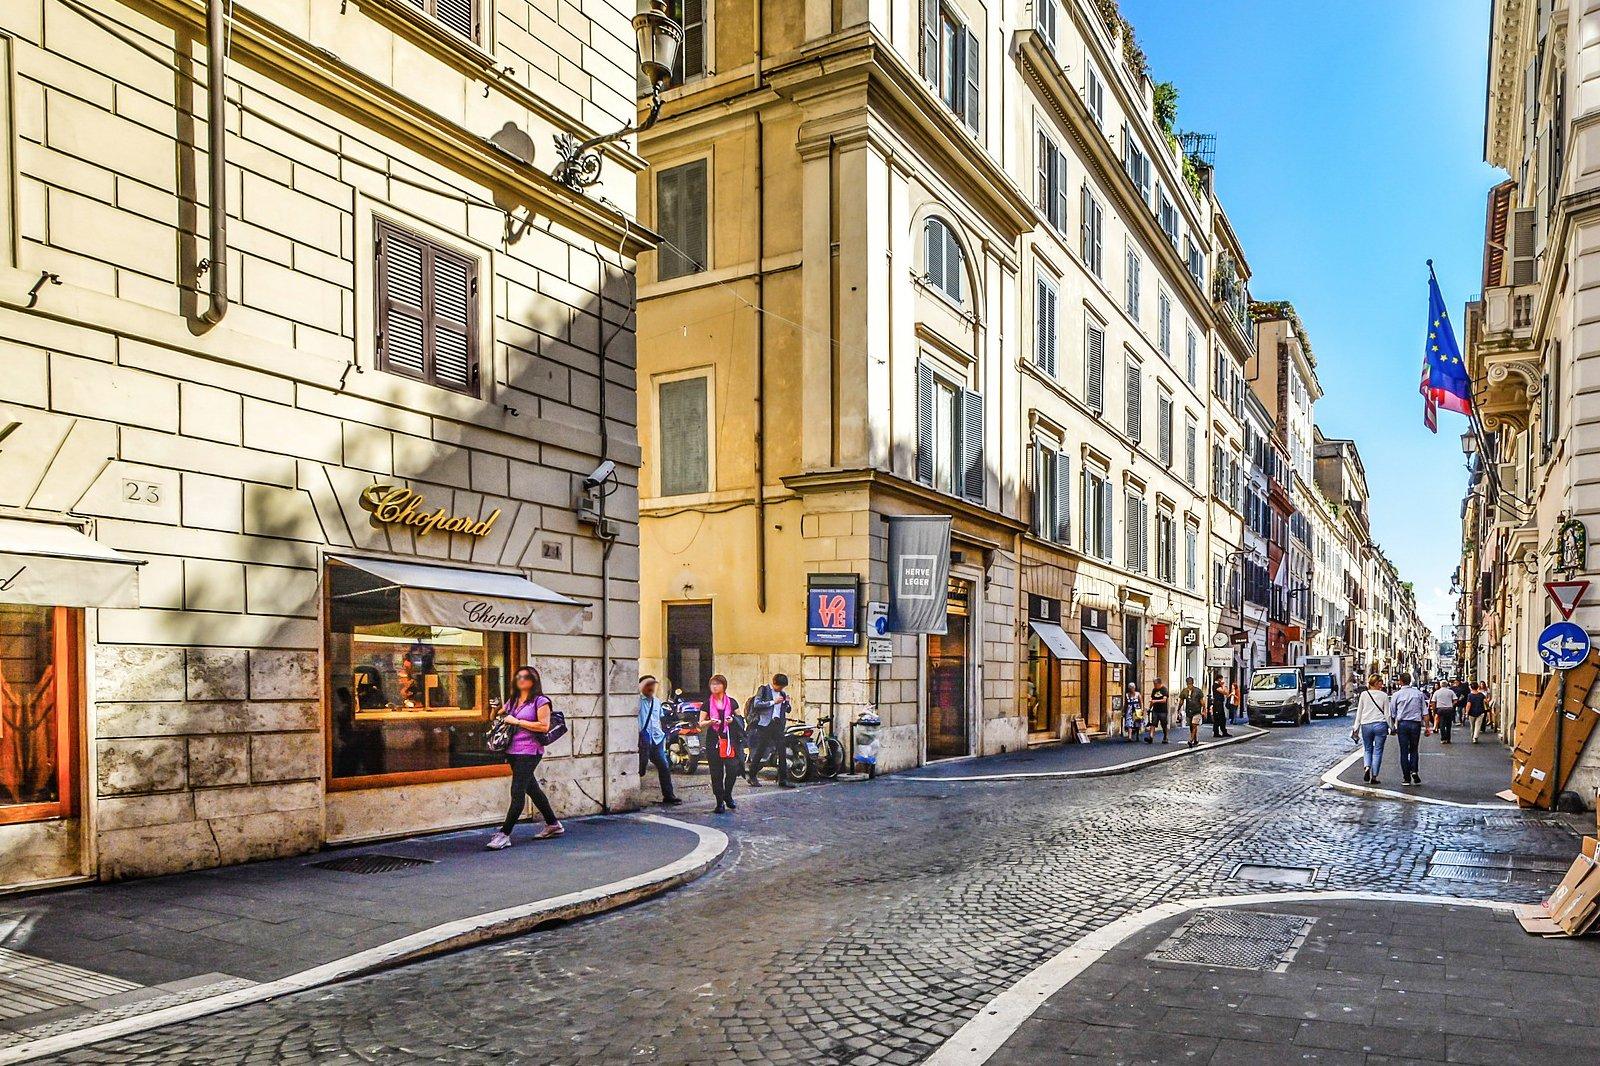 I 4 migliori outlet di Roma Dove acquistare abiti griffati